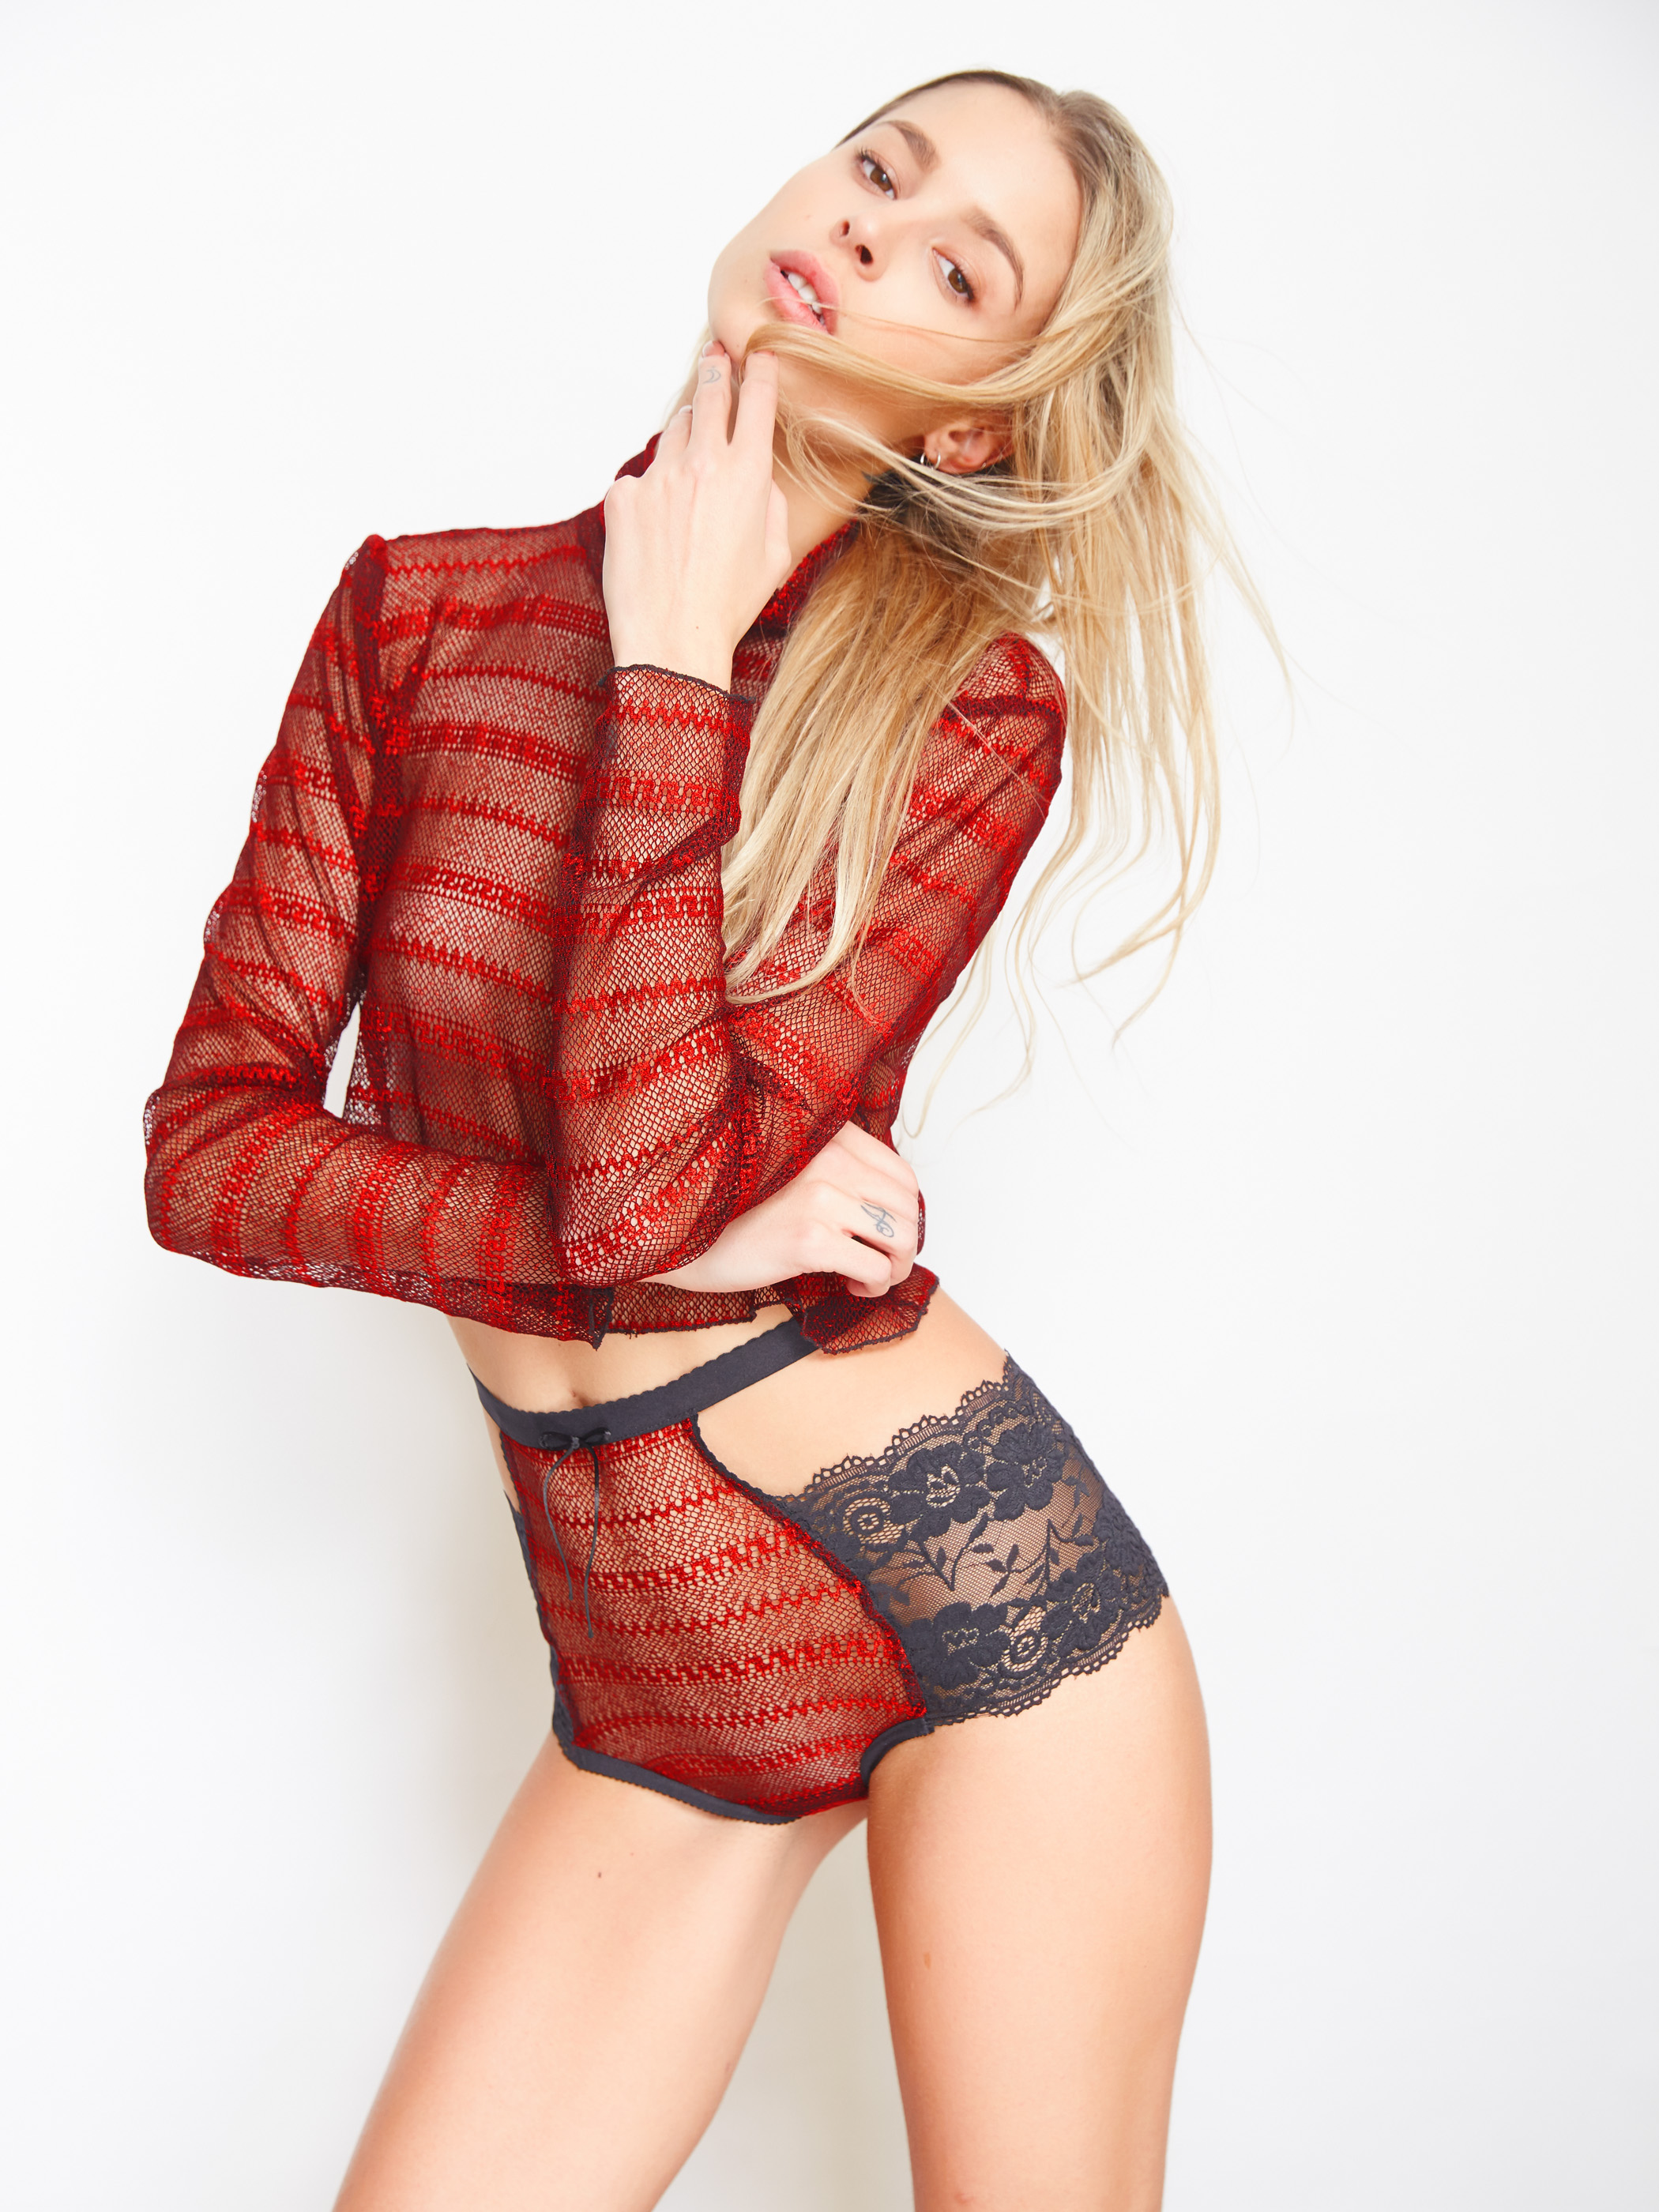 Charlie Paille: de mannequin international à designer de lingerie